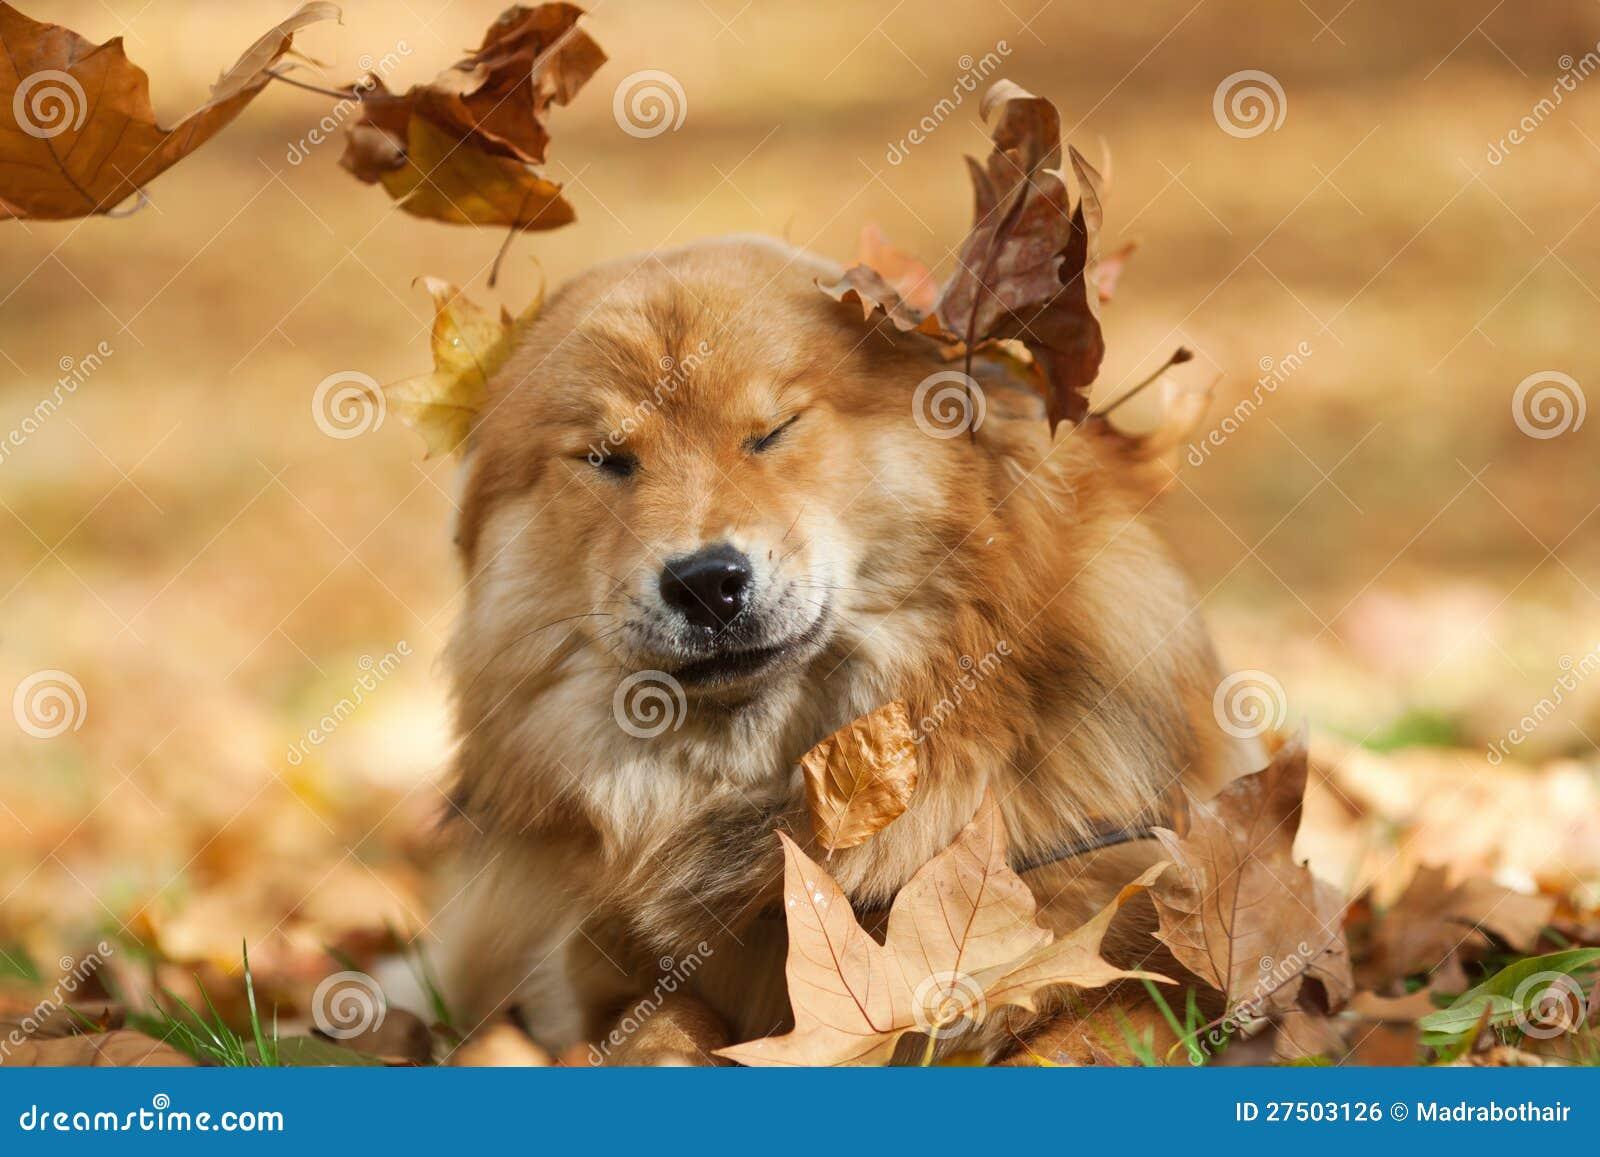 Cute dog between falling leaves